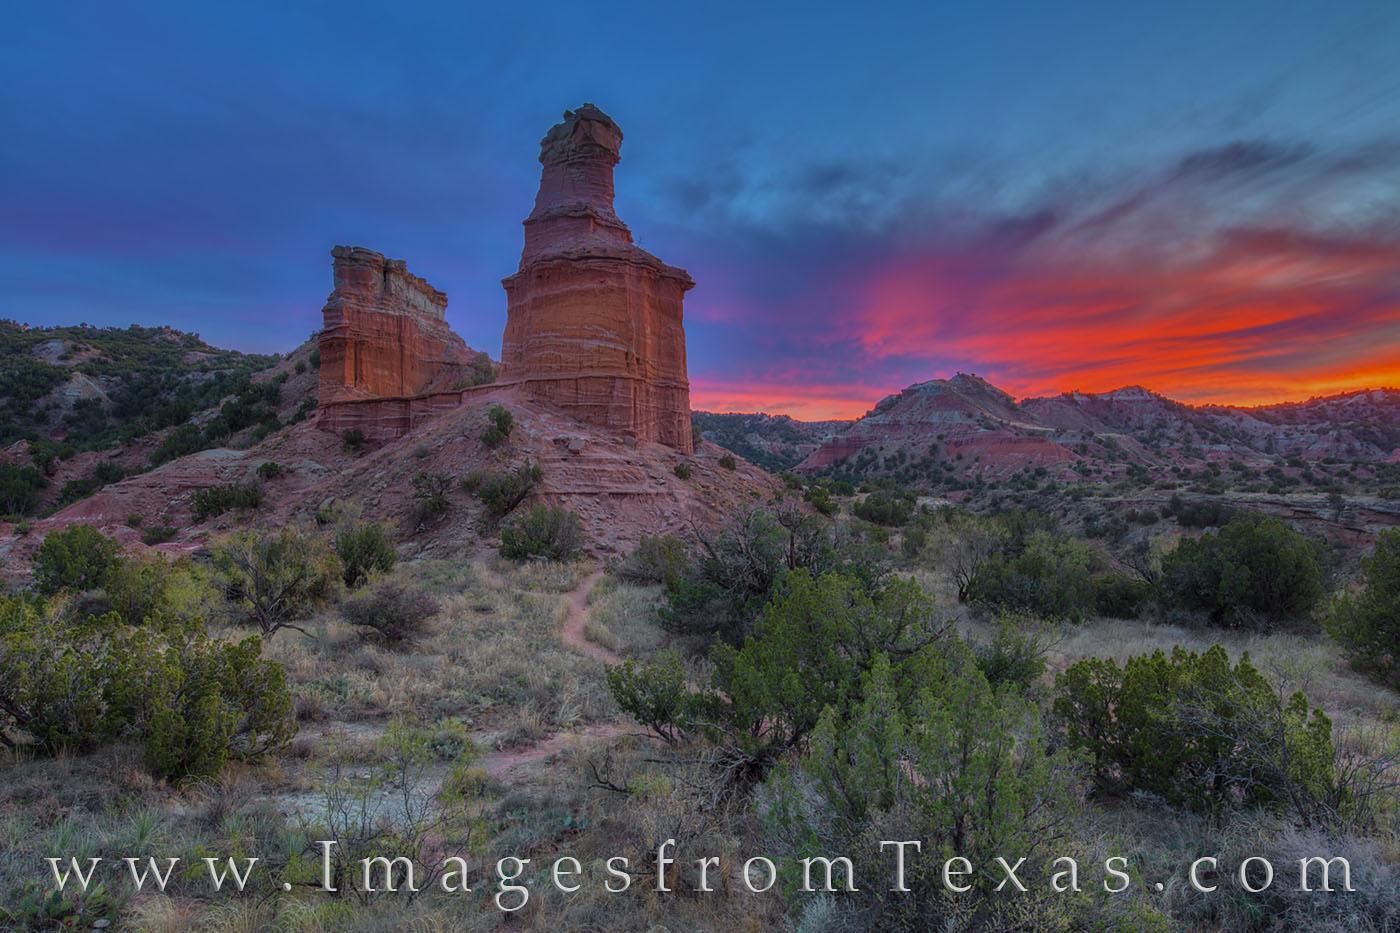 palo duro canyon, lighthouse, icon, hike, lighthouse trail, sunset, autumn, evening, west texas, panhandle, photo